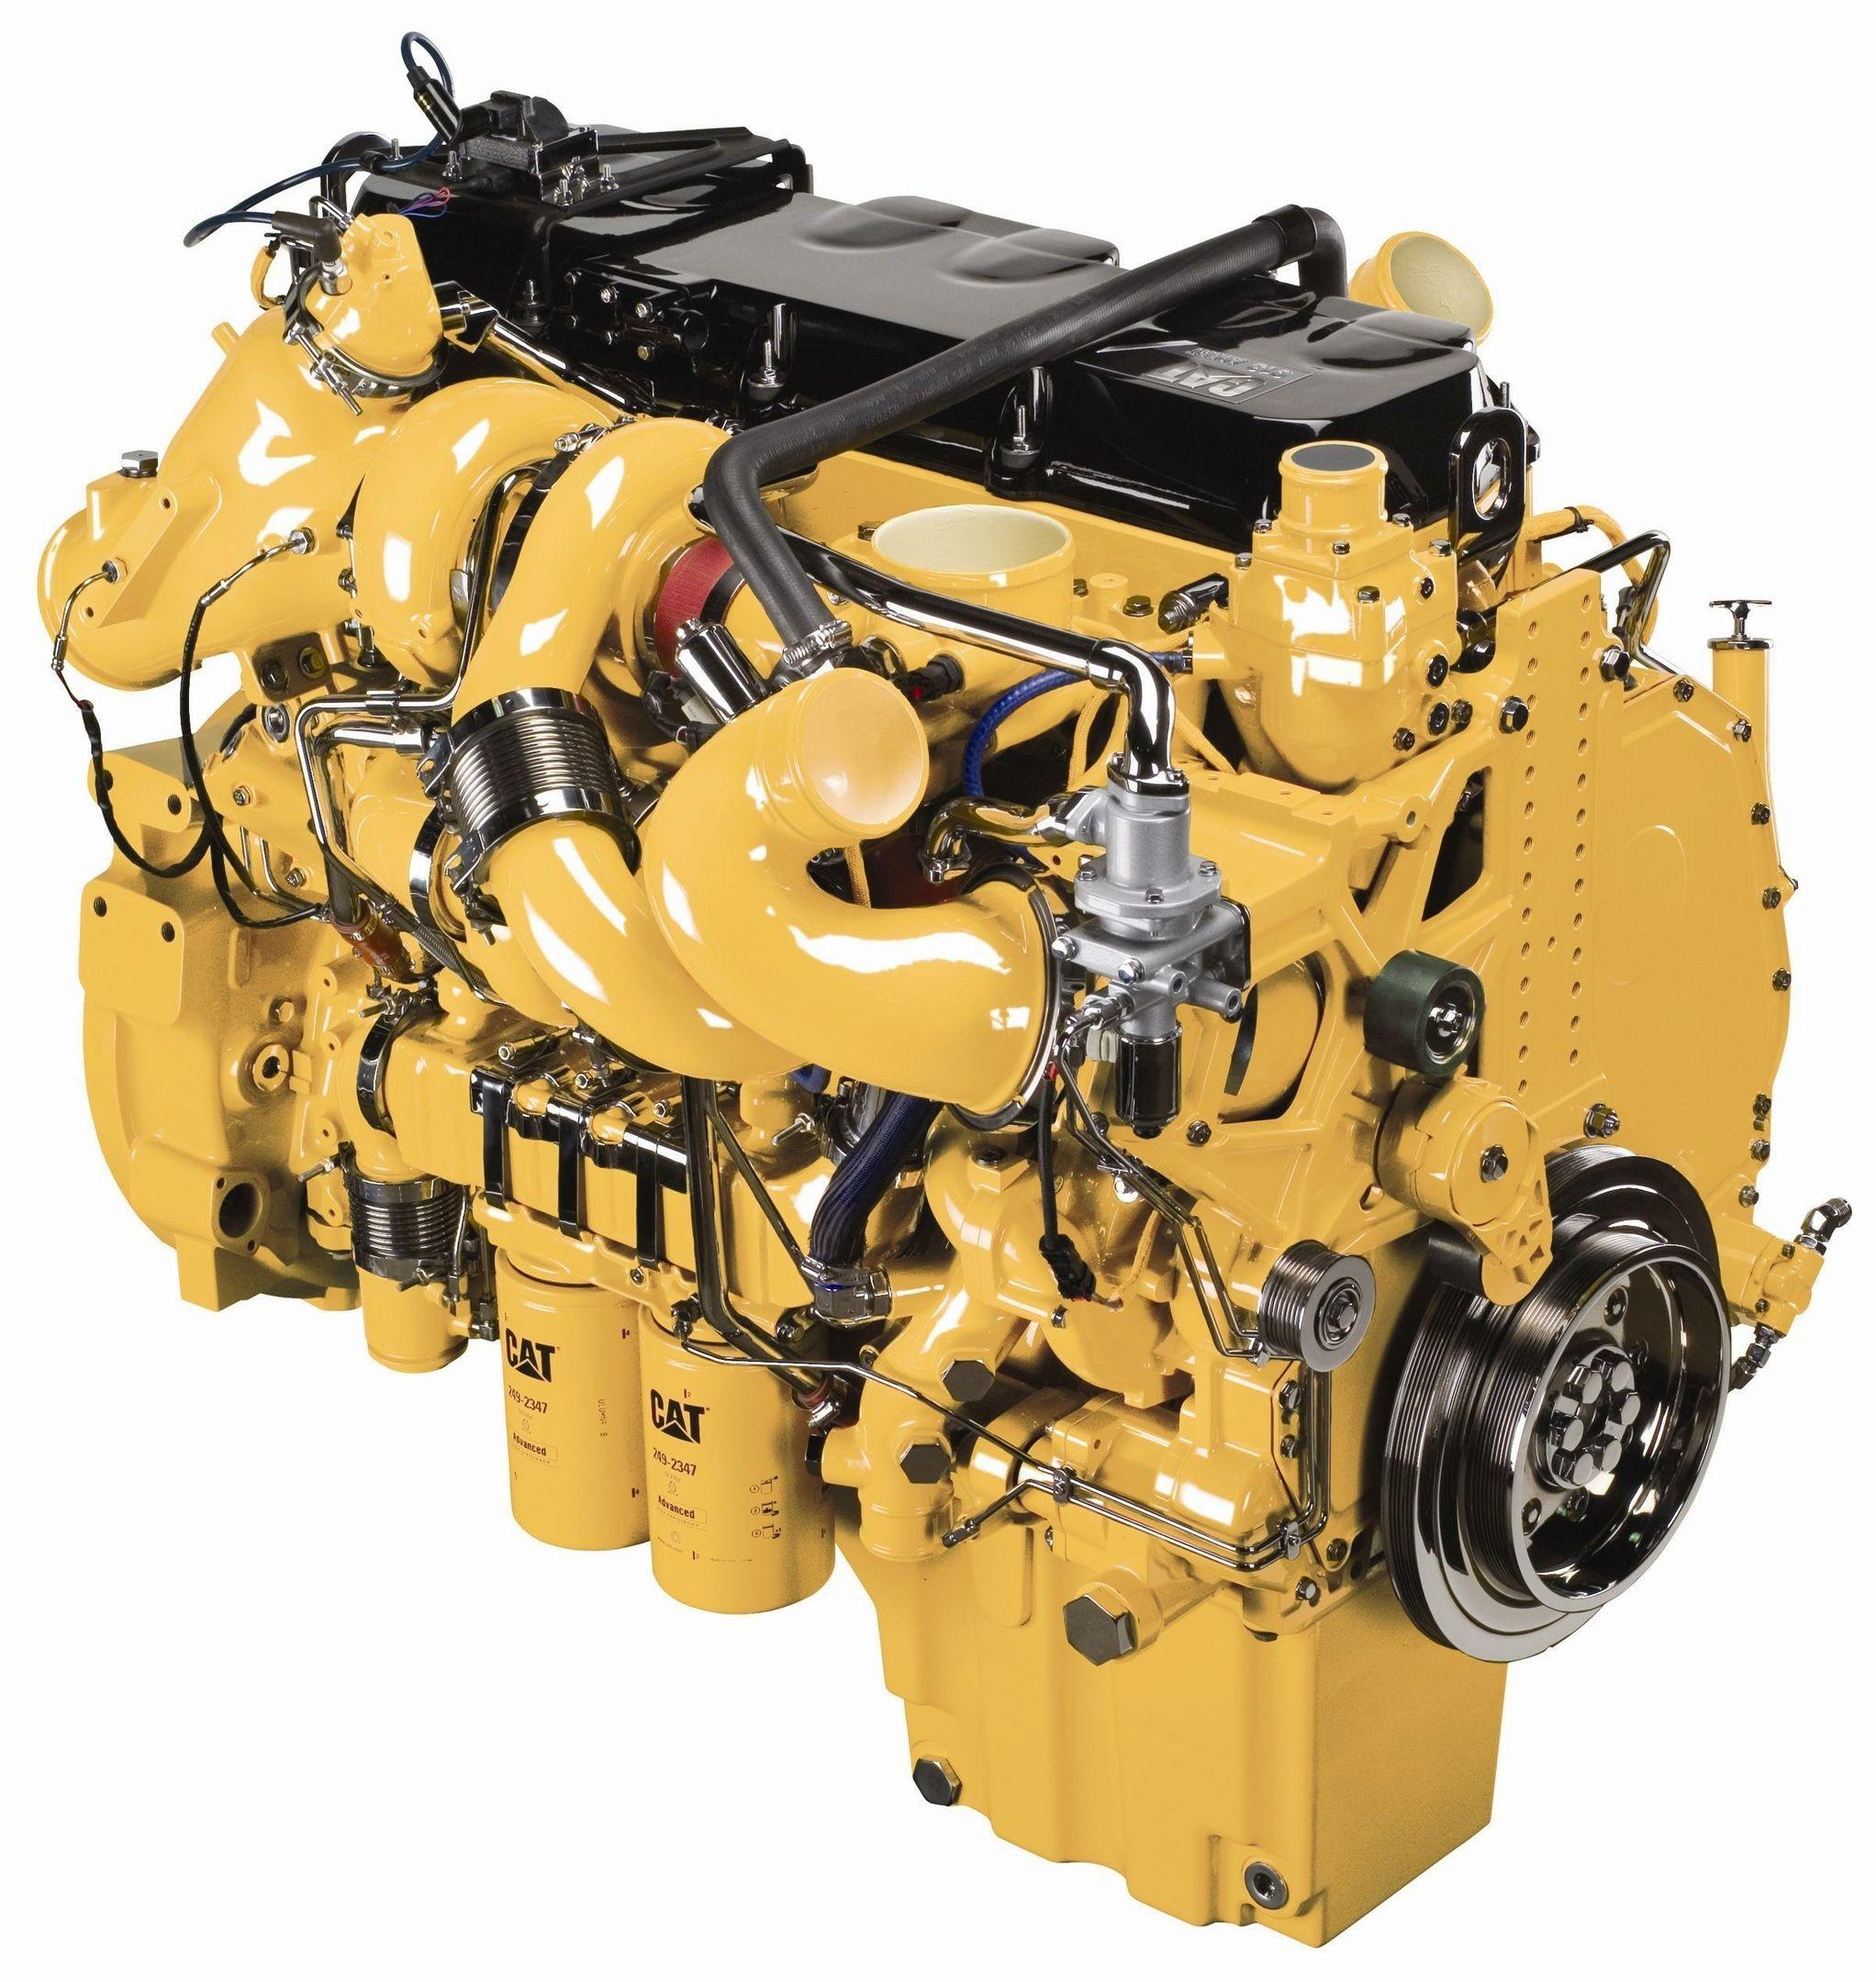 Cat C15 Engine Diagram Cat Caterpillar C11 C13 C15 Truck Engine Troubleshooting Manual Of Cat C15 Engine Diagram